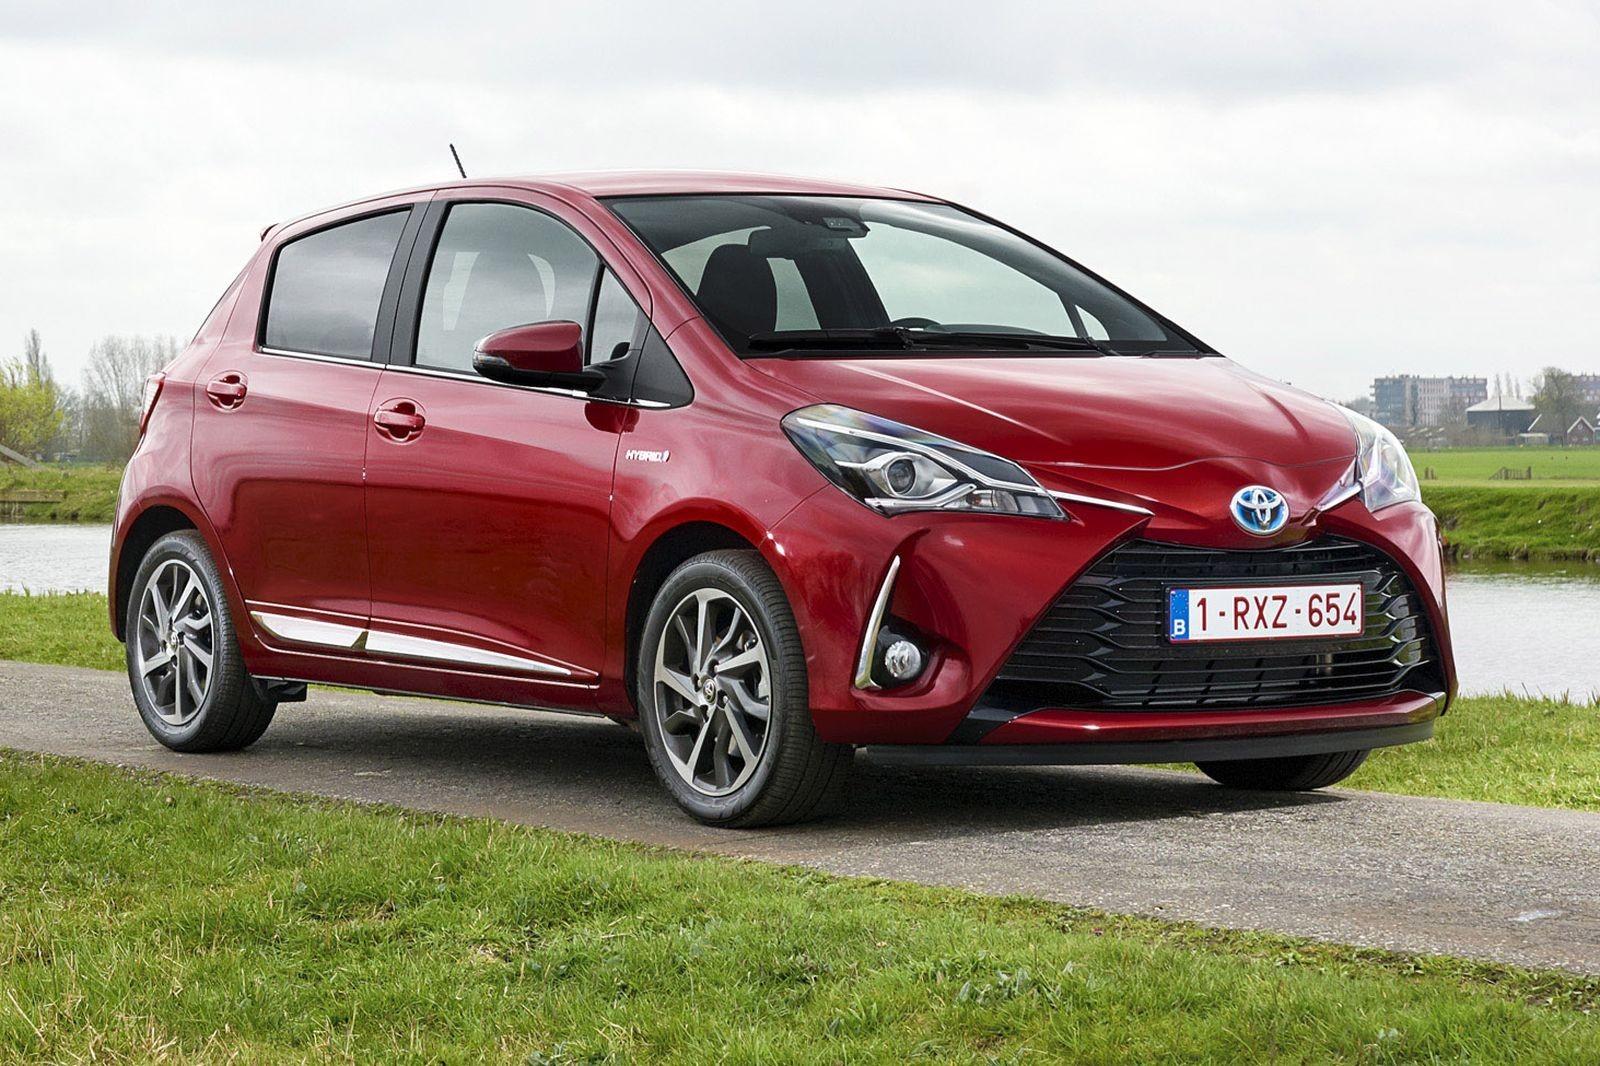 Toyota Yaris стал в 2018 году лидером европейского сегмента безрозеточных гибридов: продано 129 105 штук.